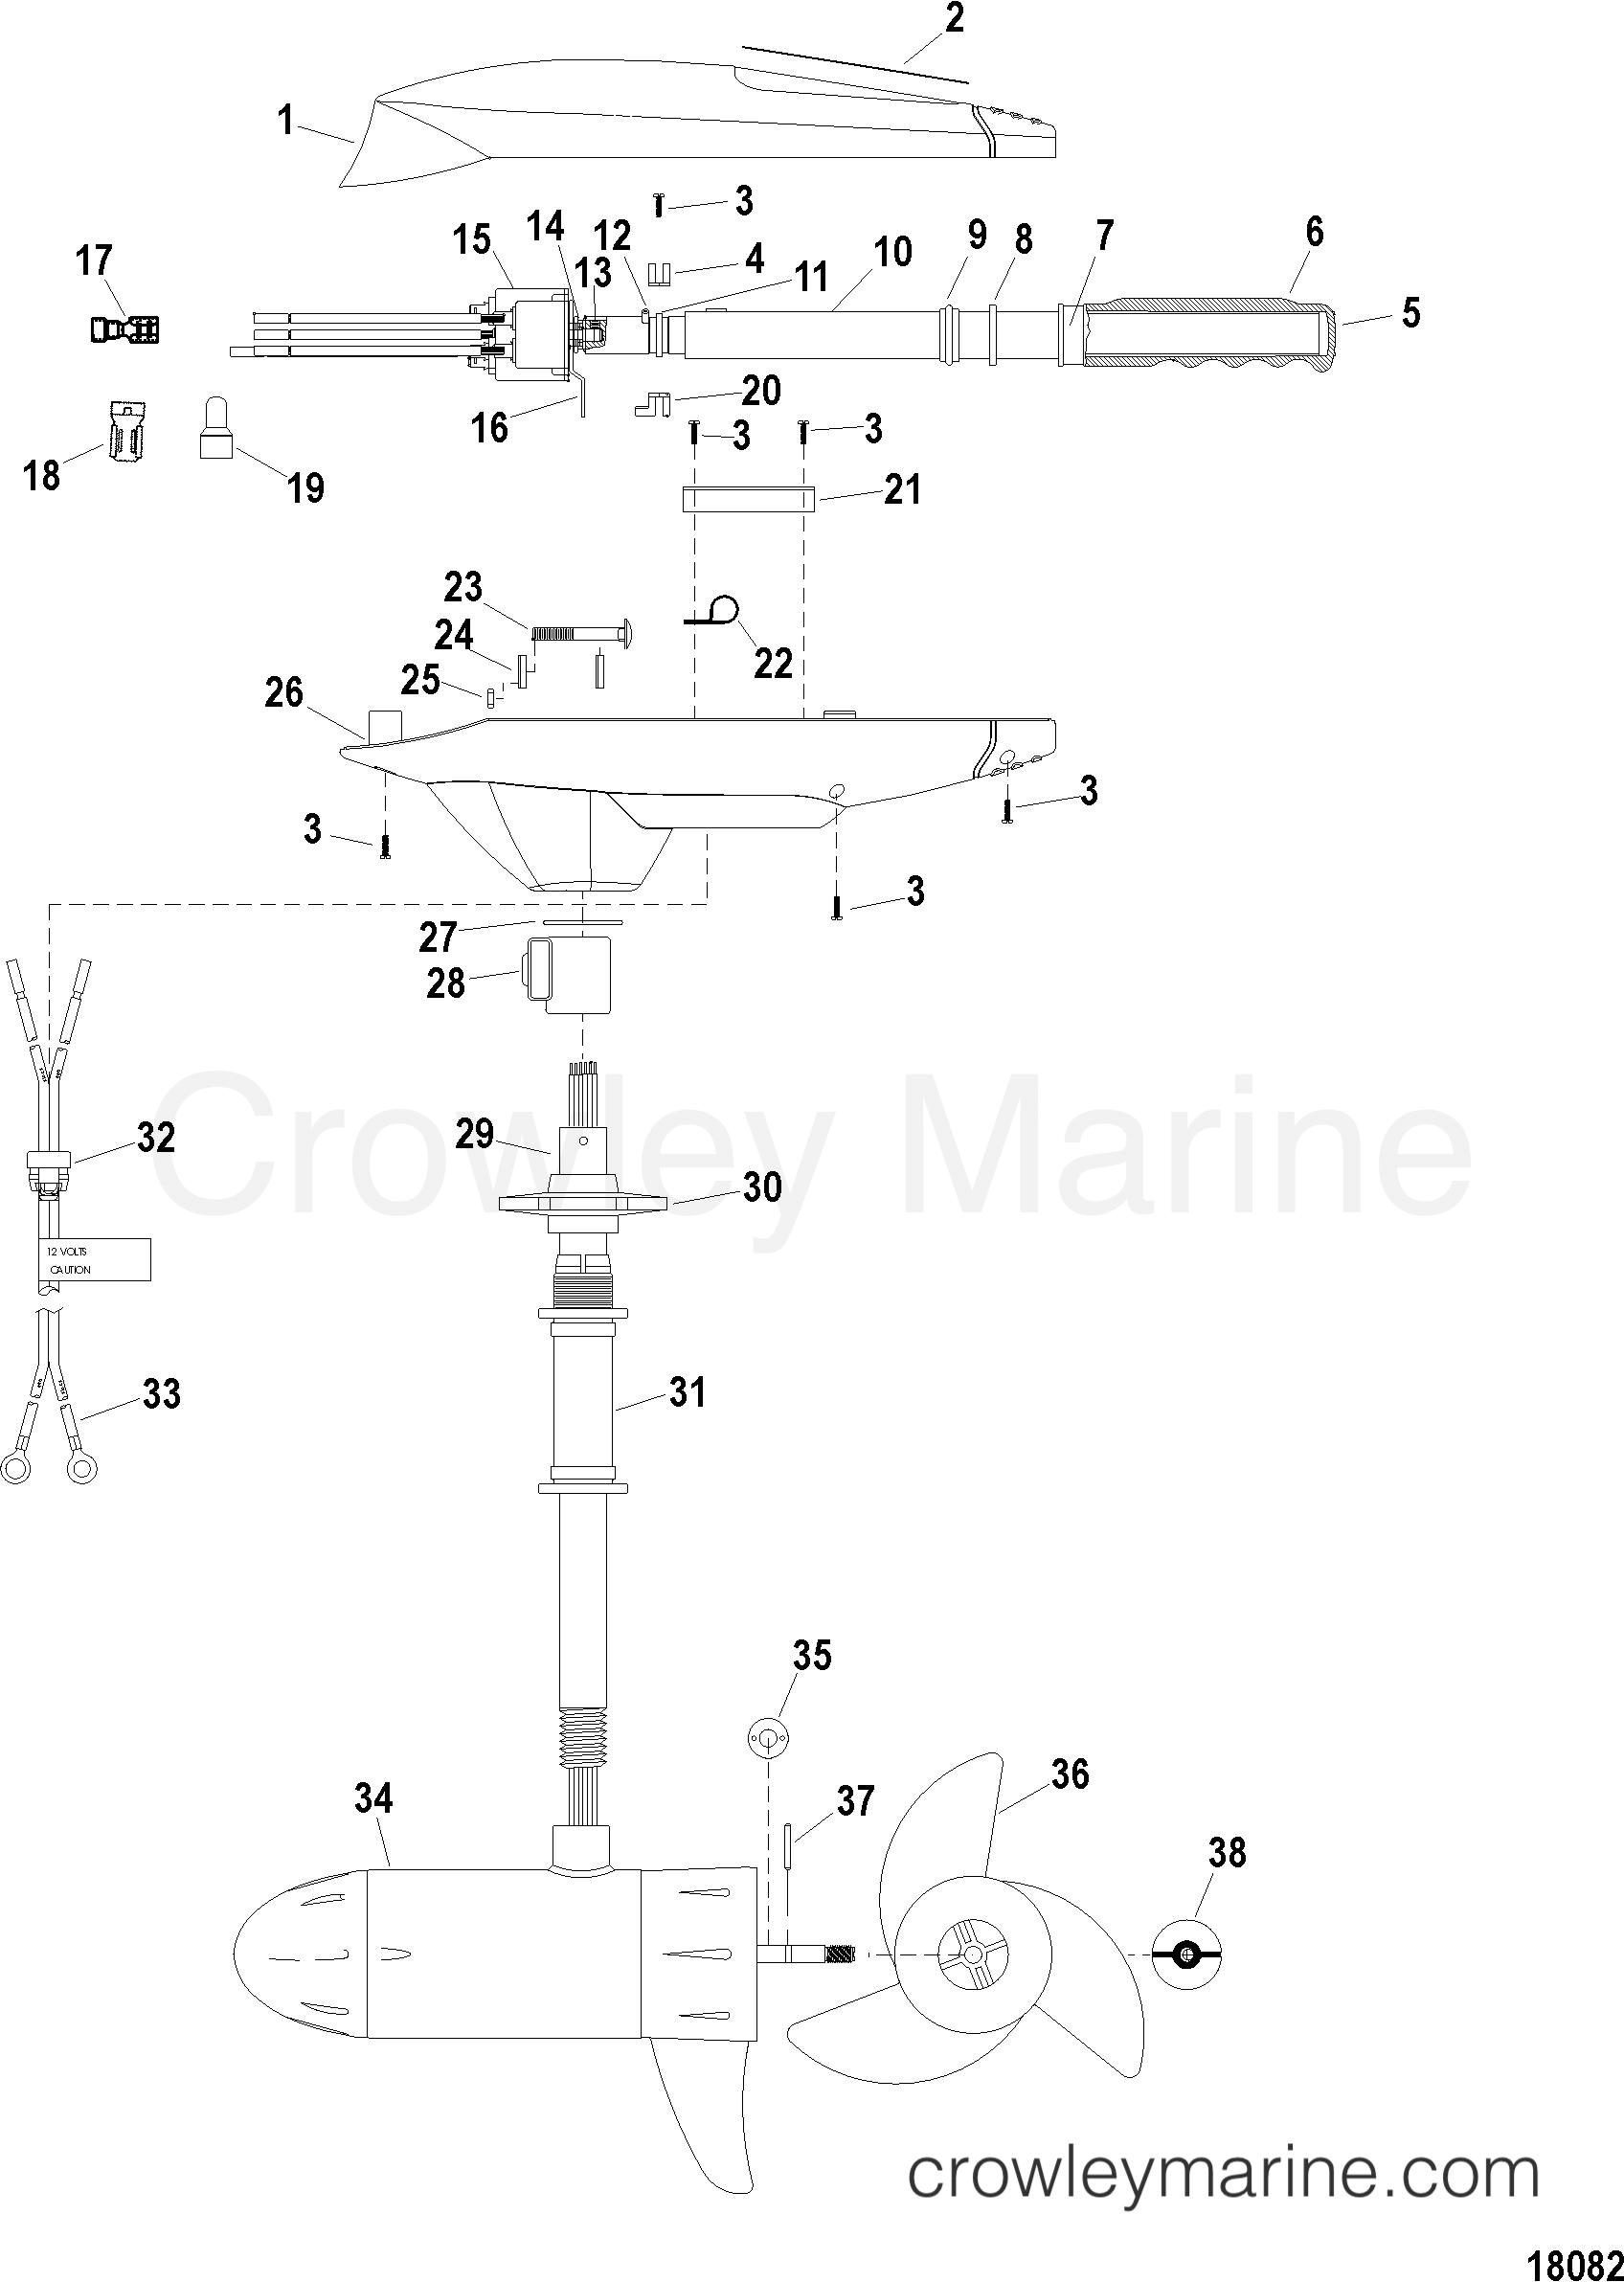 2005 MotorGuide 12V [MOTORGUIDE] - 921310040 - COMPLETE TROLLING MOTOR(MODEL FW54HP) (12 VOLT) section